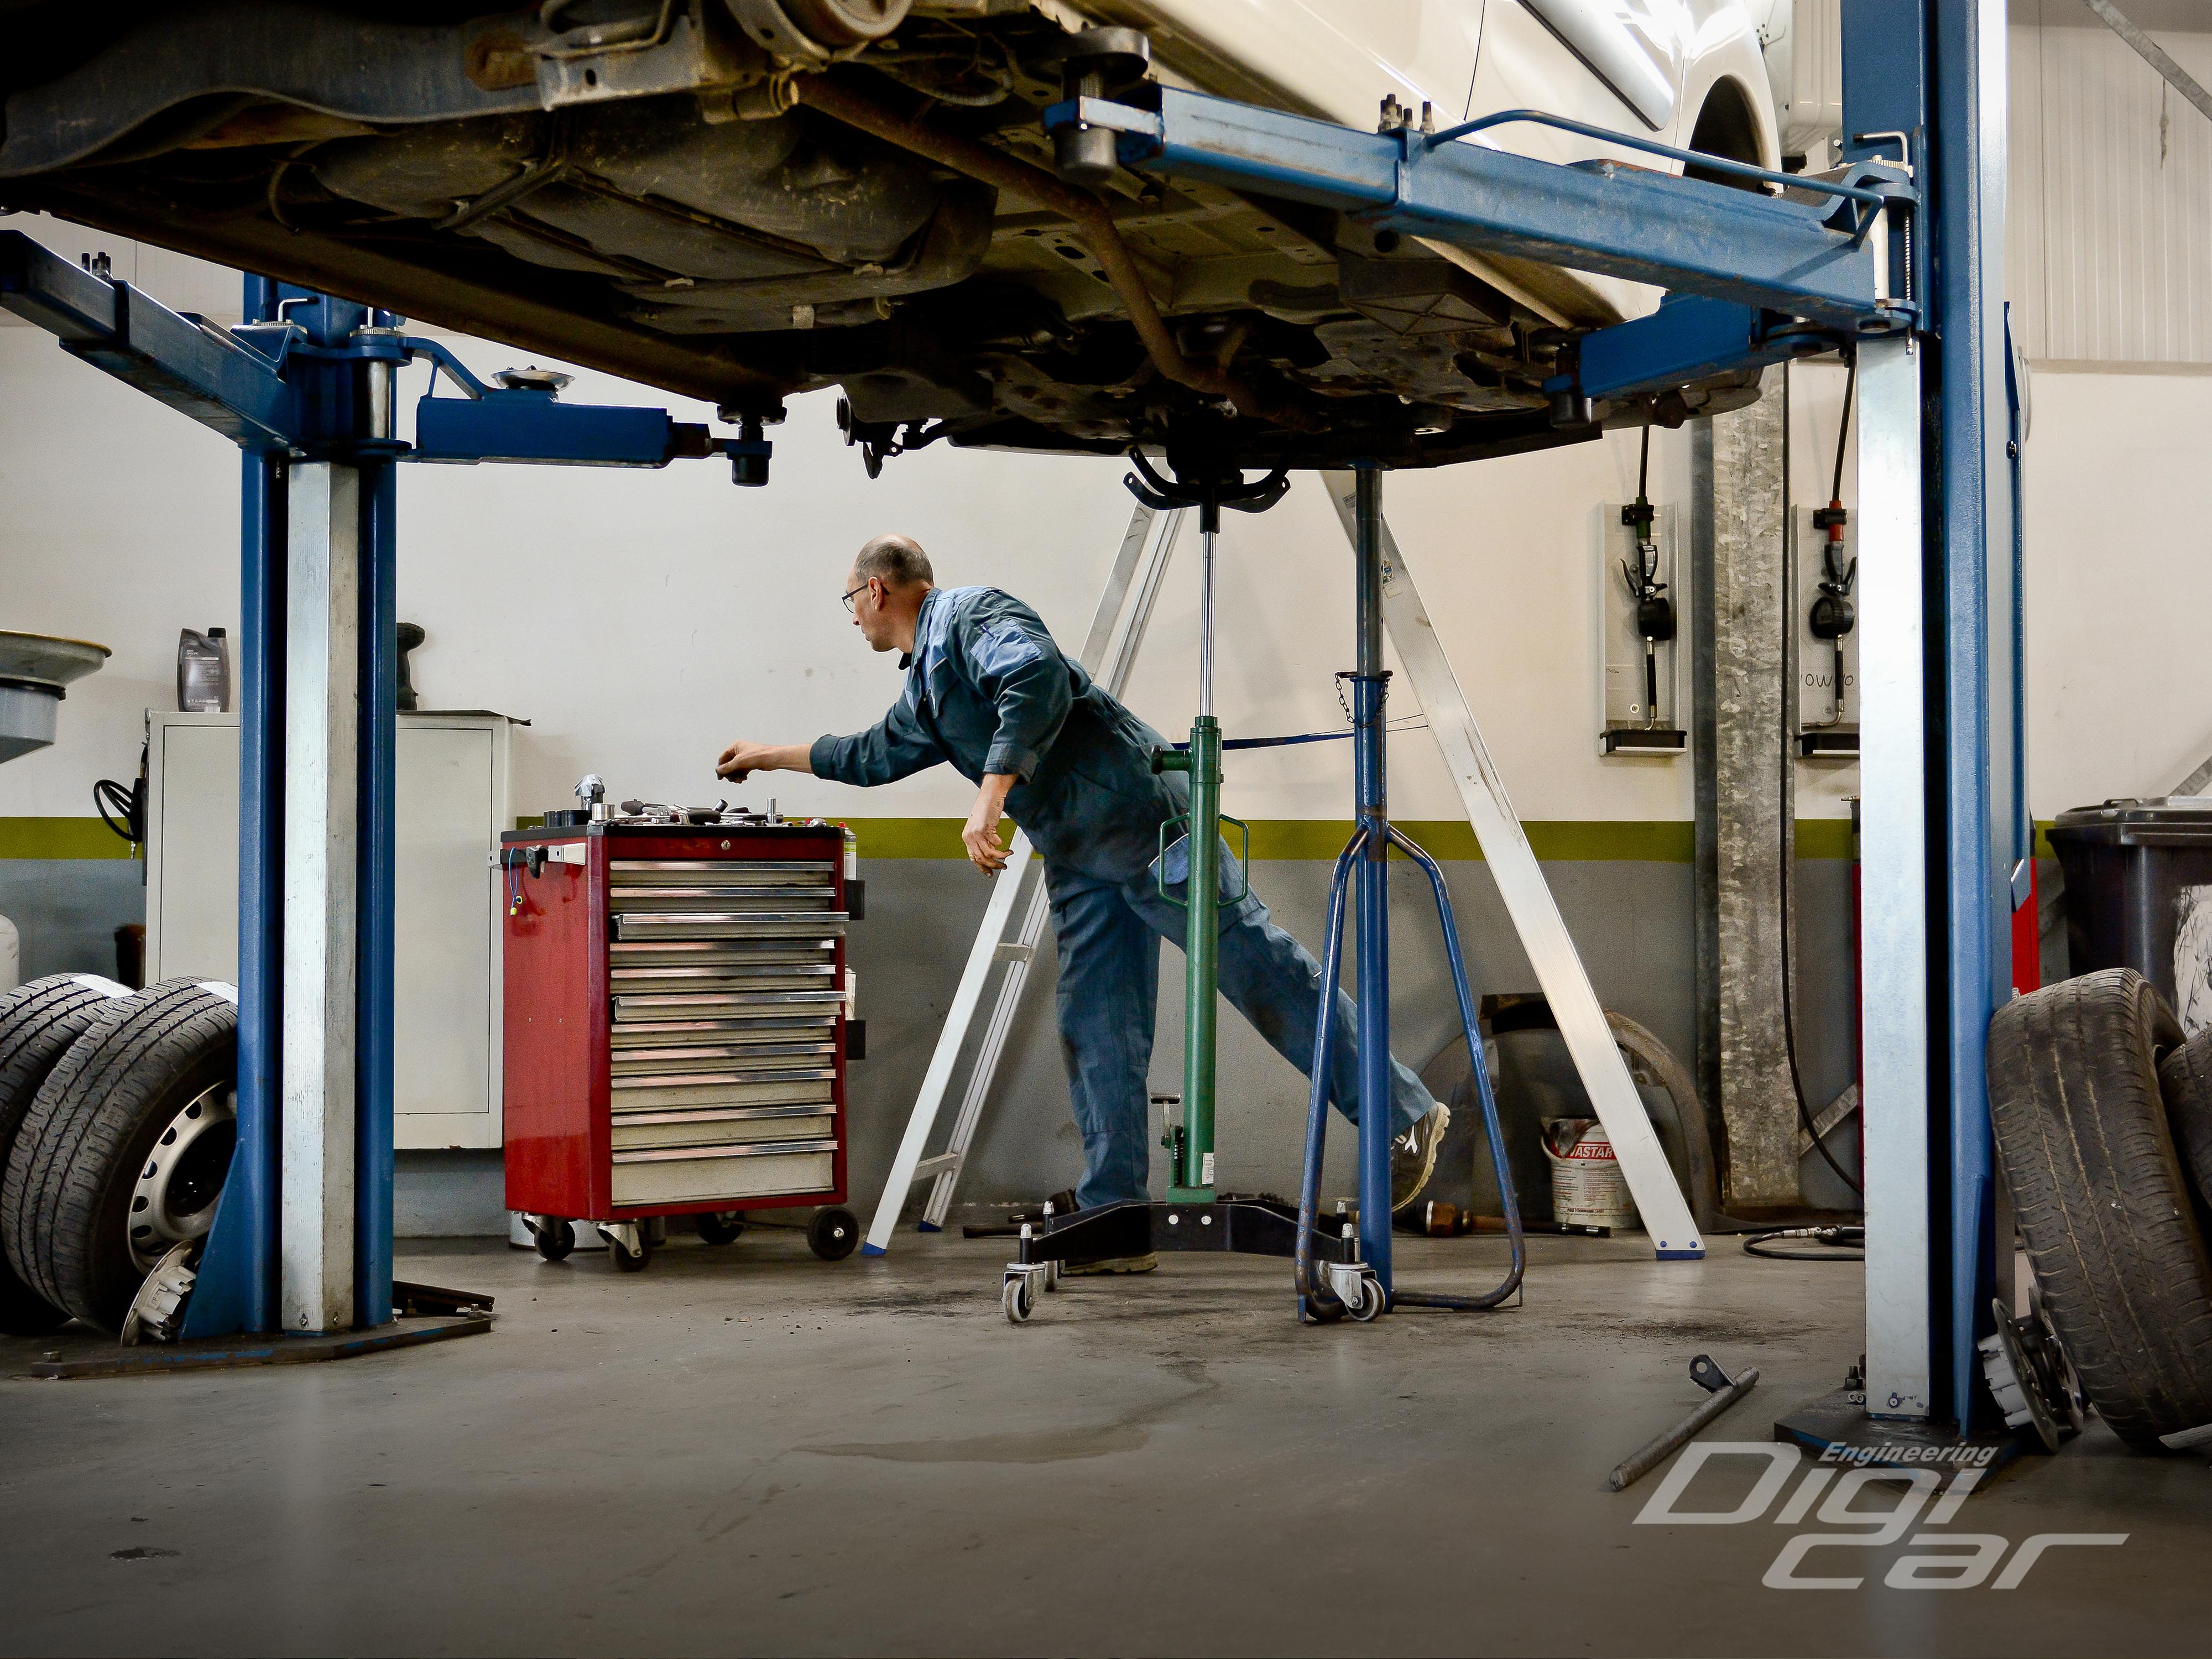 Autobedrijf-Gert-Pater-Werkplaats-montage-2.jpg